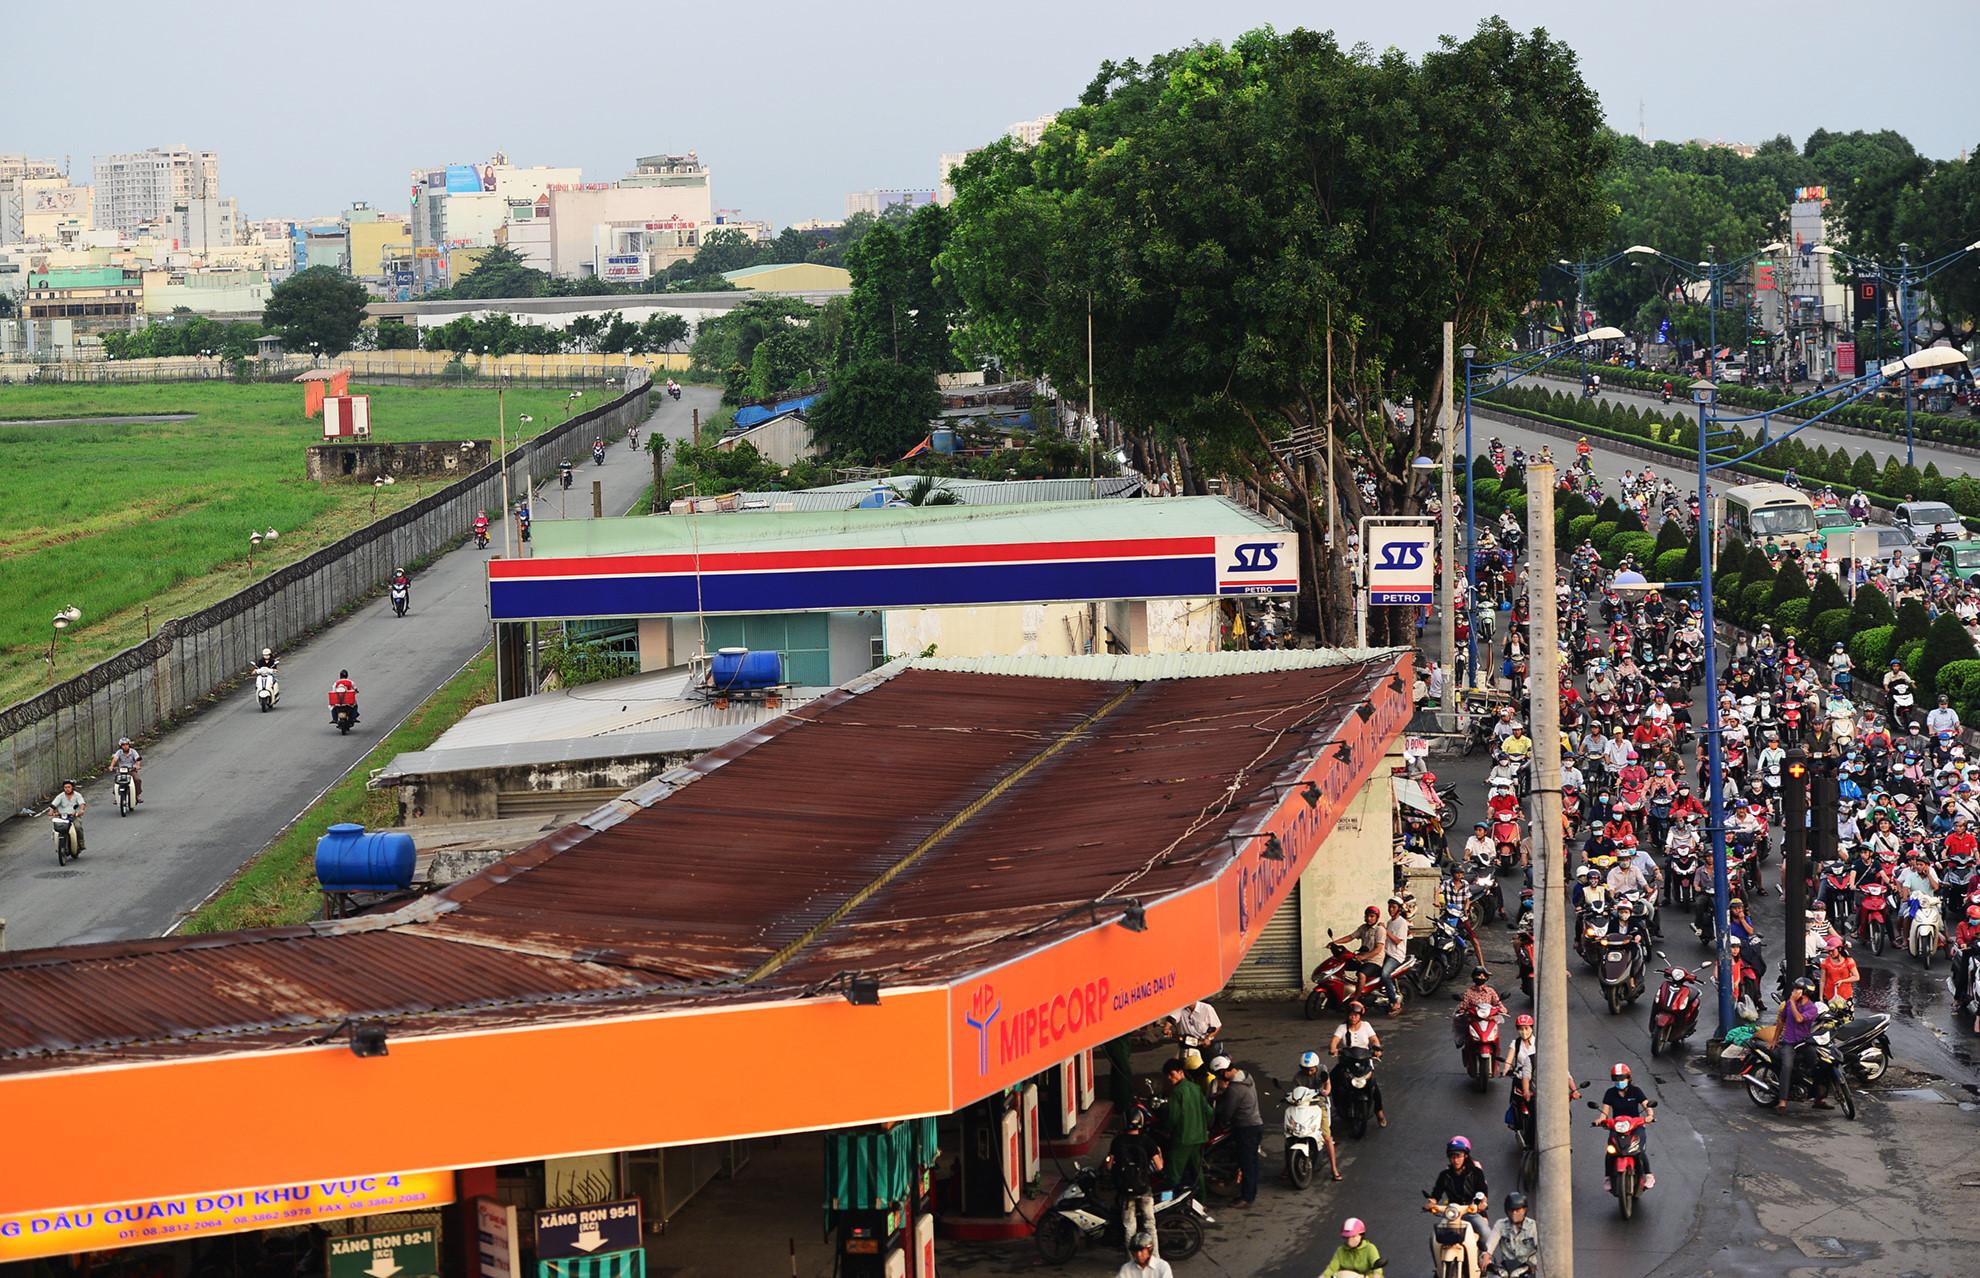 Cận cảnh hàng chục kiốt, cây xăng giáp sân bay Tân Sơn Nhất